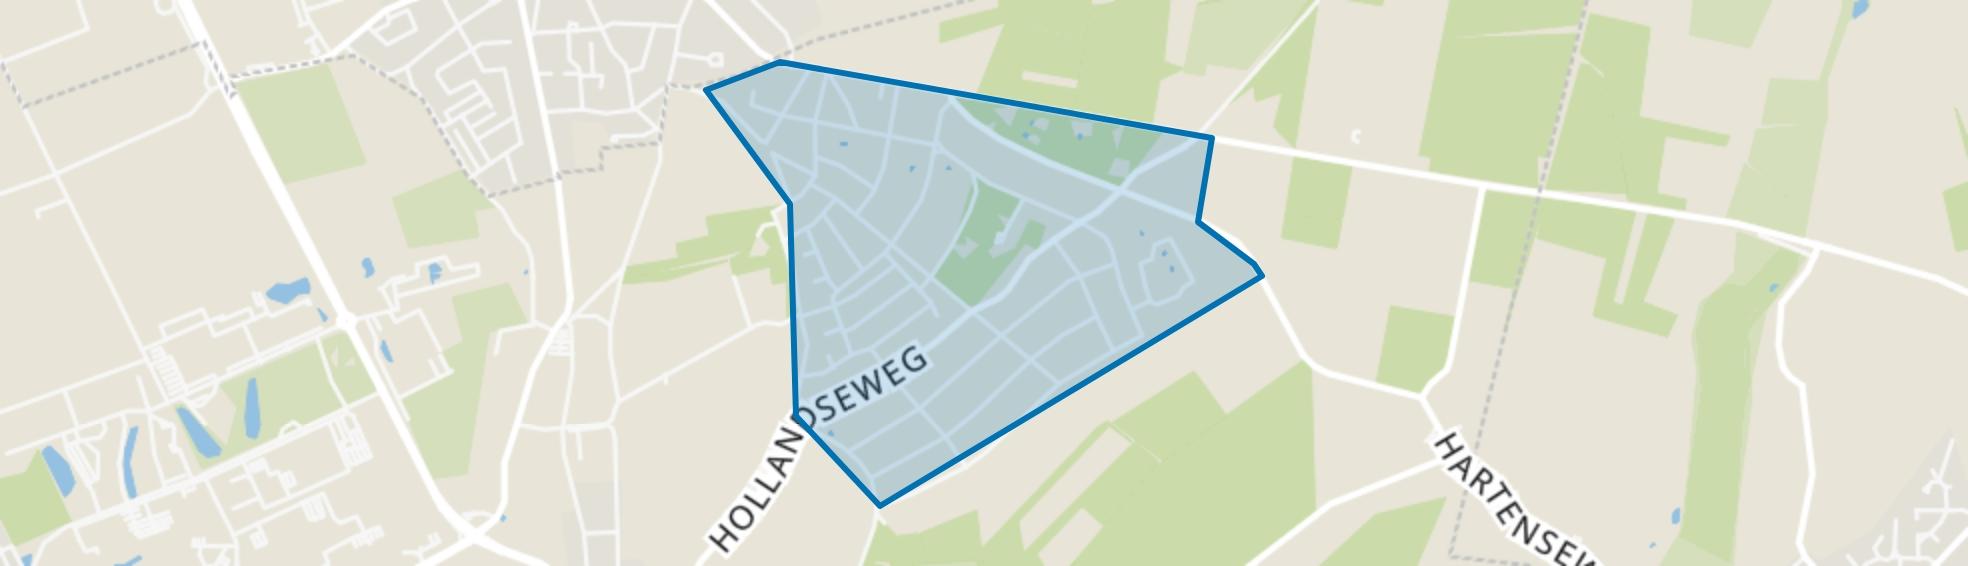 Wageningen-Hoog, Wageningen map